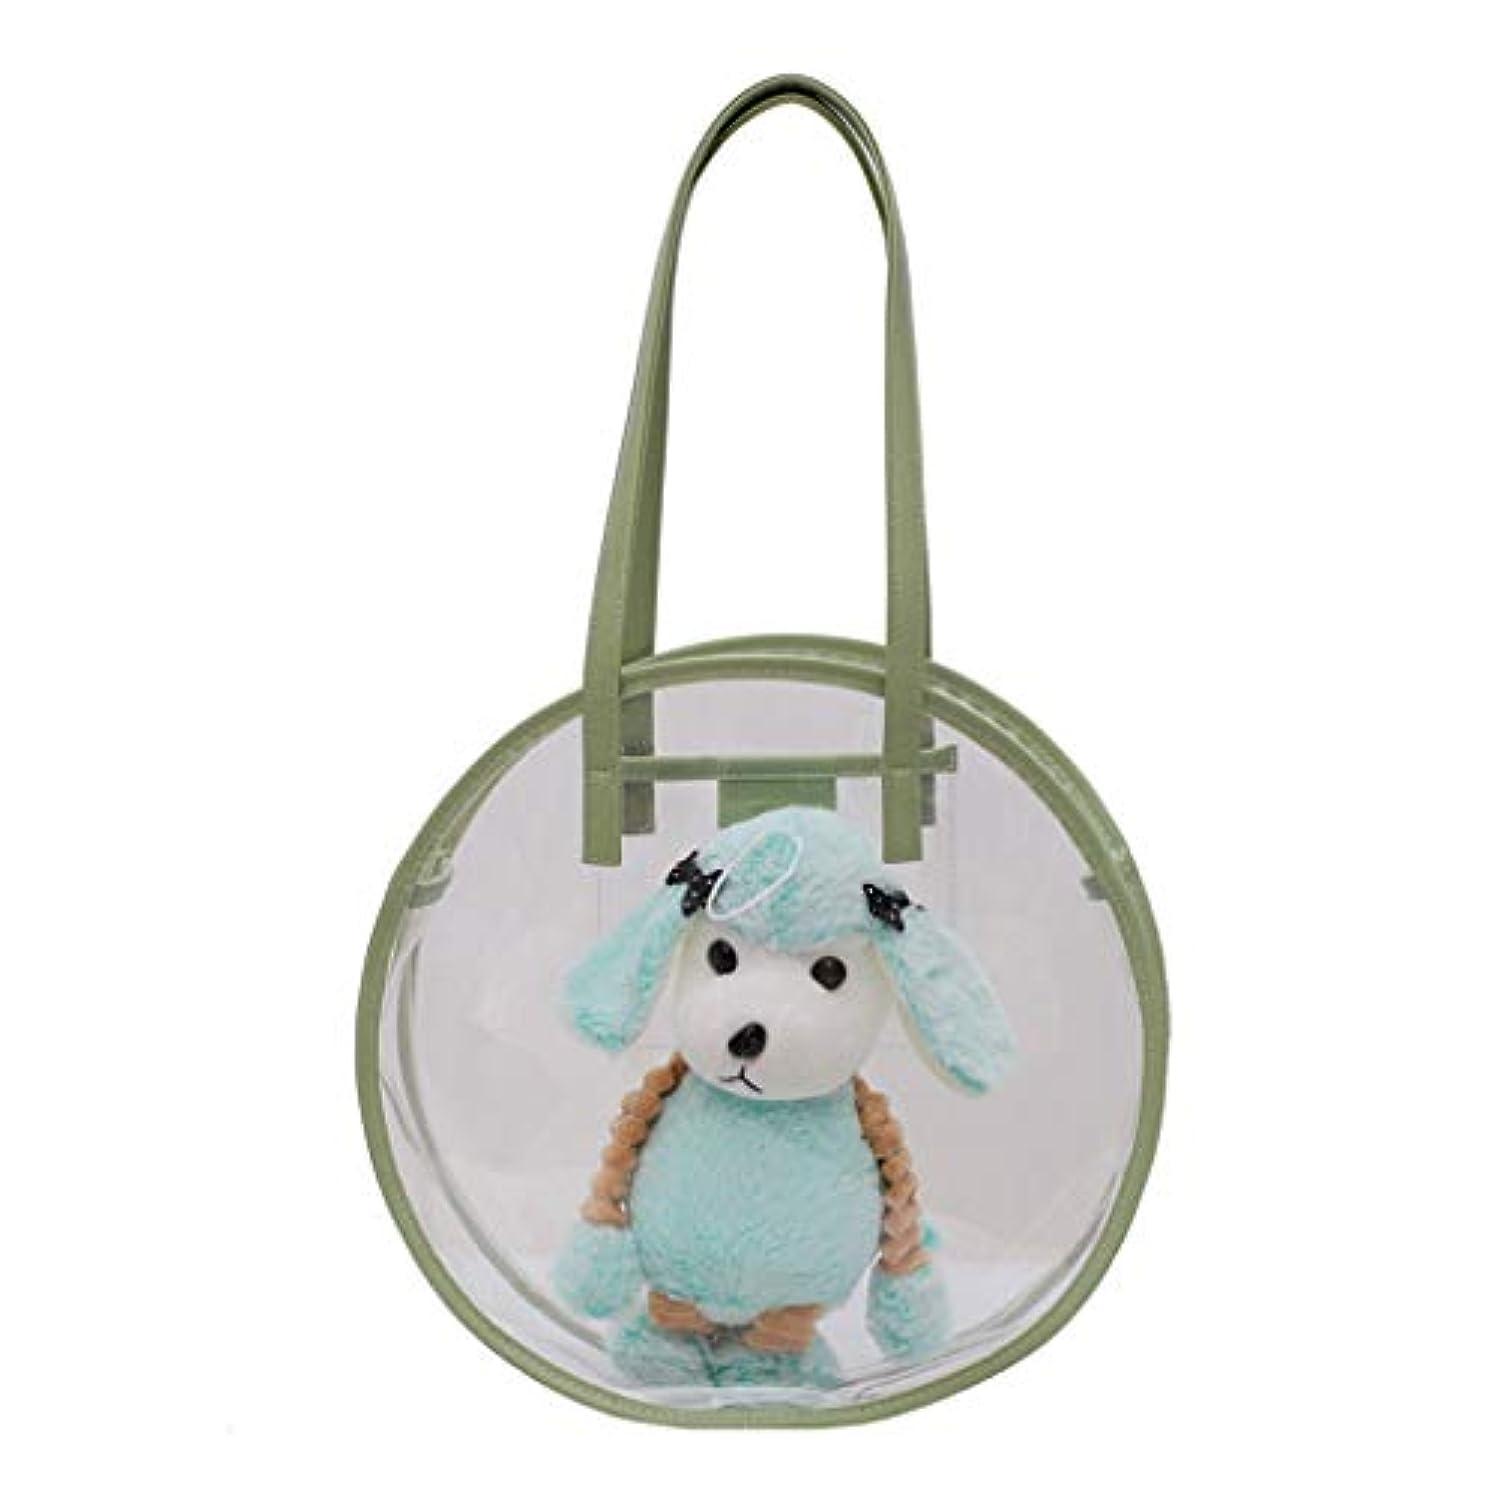 減らすピカリング靴下かわいいファッション 犬の特徴 透明防水 ビーチバッグ ポータブル 透明化粧品バッグ 旅行用メイクポーチ ジッパー 防水 トートバッグ 取り外し可能 調整 33X9X33cm 3色